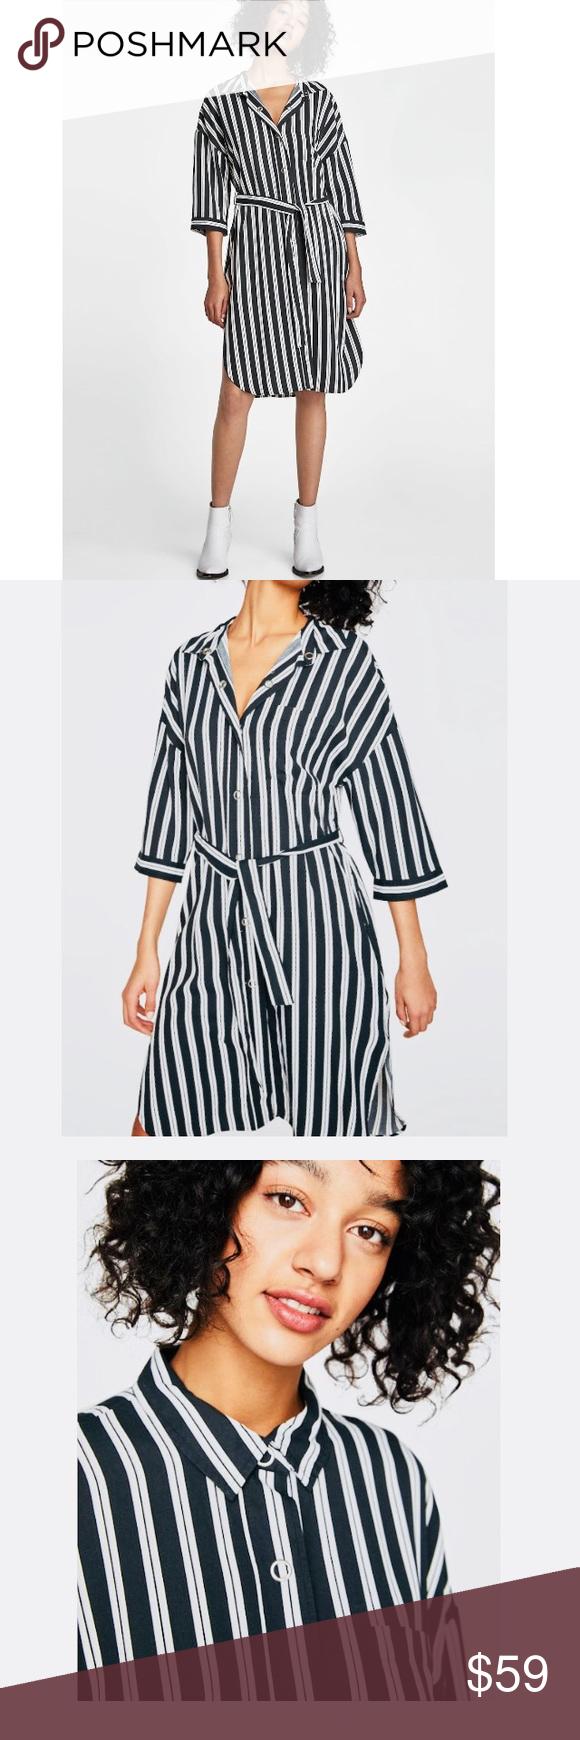 a45dda44d4 ZARA] Striped Shirt Dress New w/tags 3/4 Sleeves.. Striped dress ...